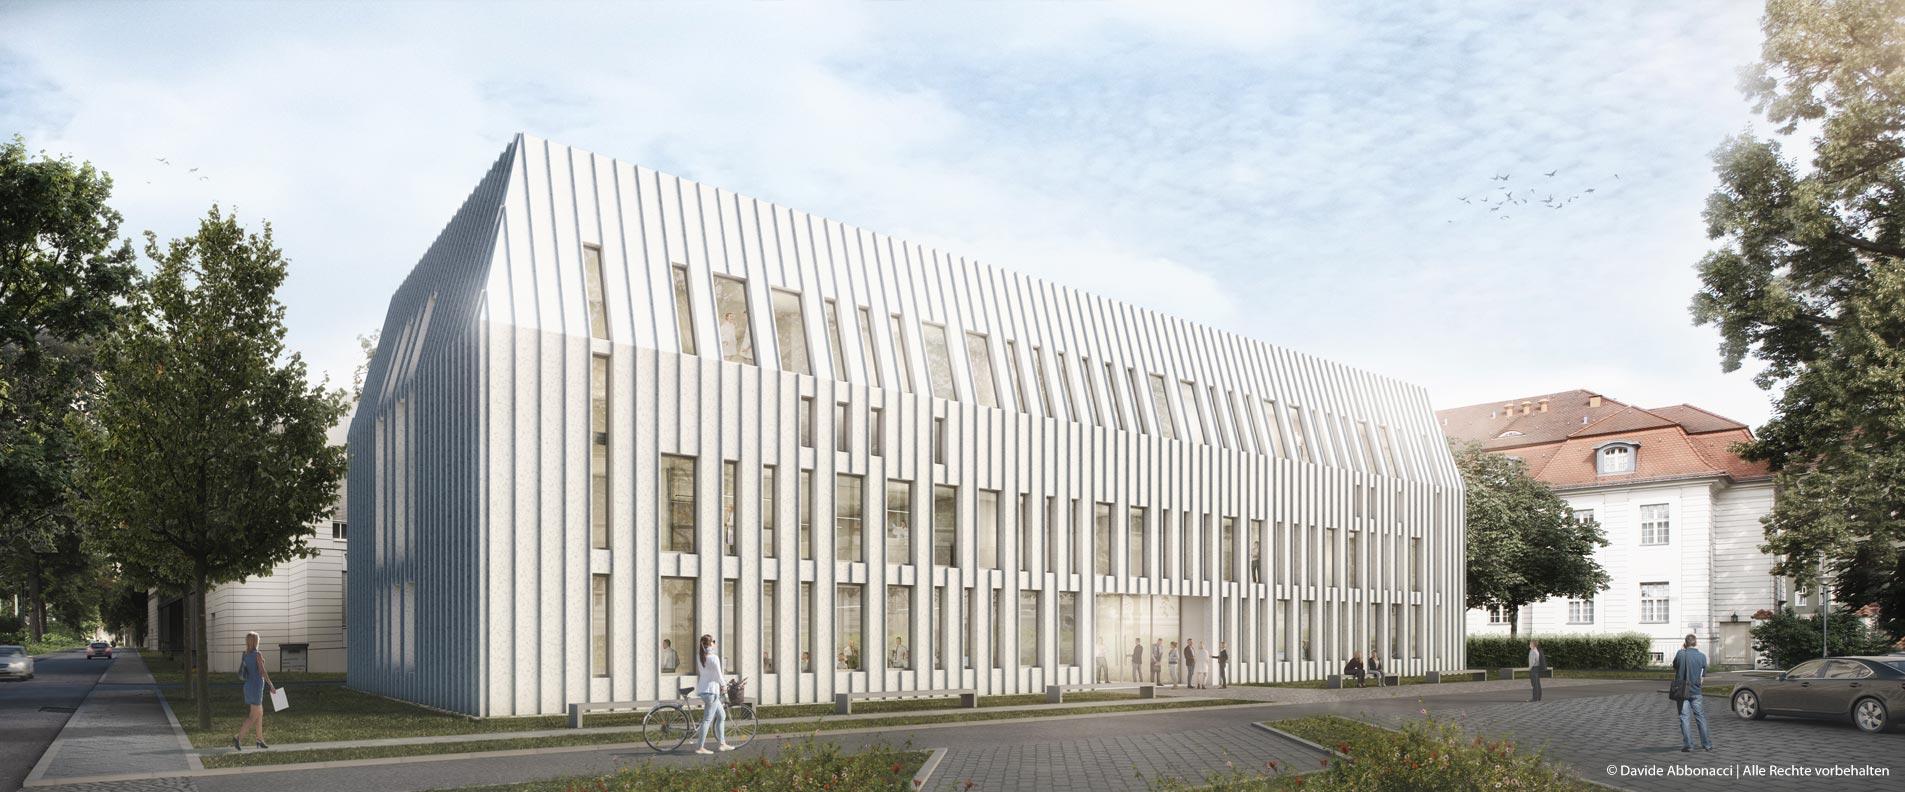 beCAT - Laborgebäude Virchow Klinikum, Berlin   Erchinger Wurfbaum Architekten   2017 Wettbewerbsvisualisierung